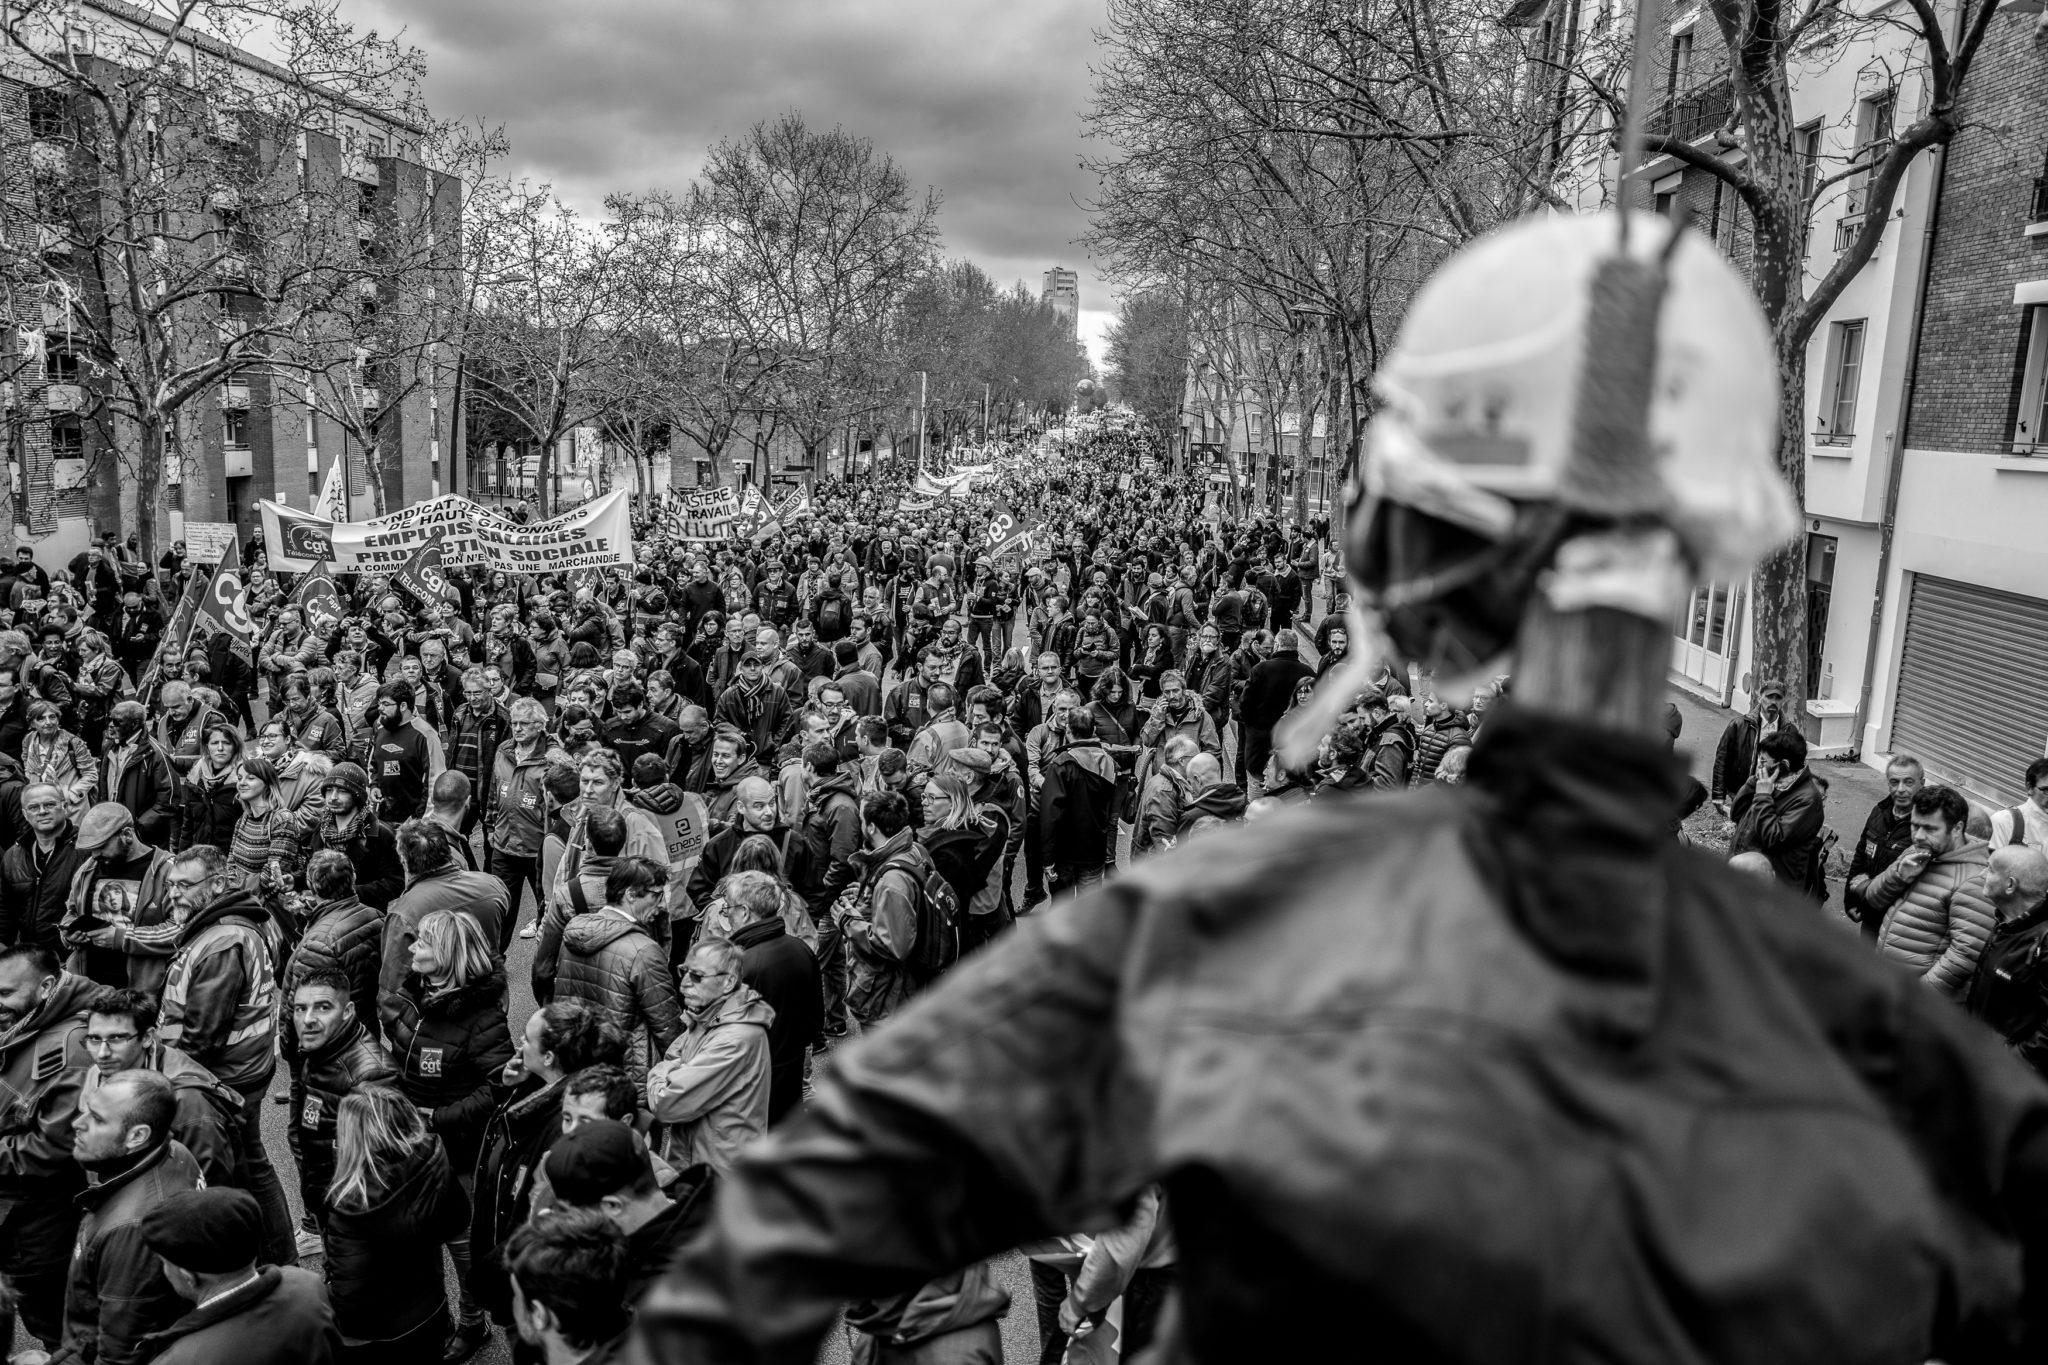 Ce mouvement d'ampleur a montré une mobilisation nationale commune intergénérationelle pour que ne soient pas enterrés les combats des anciennes générations.